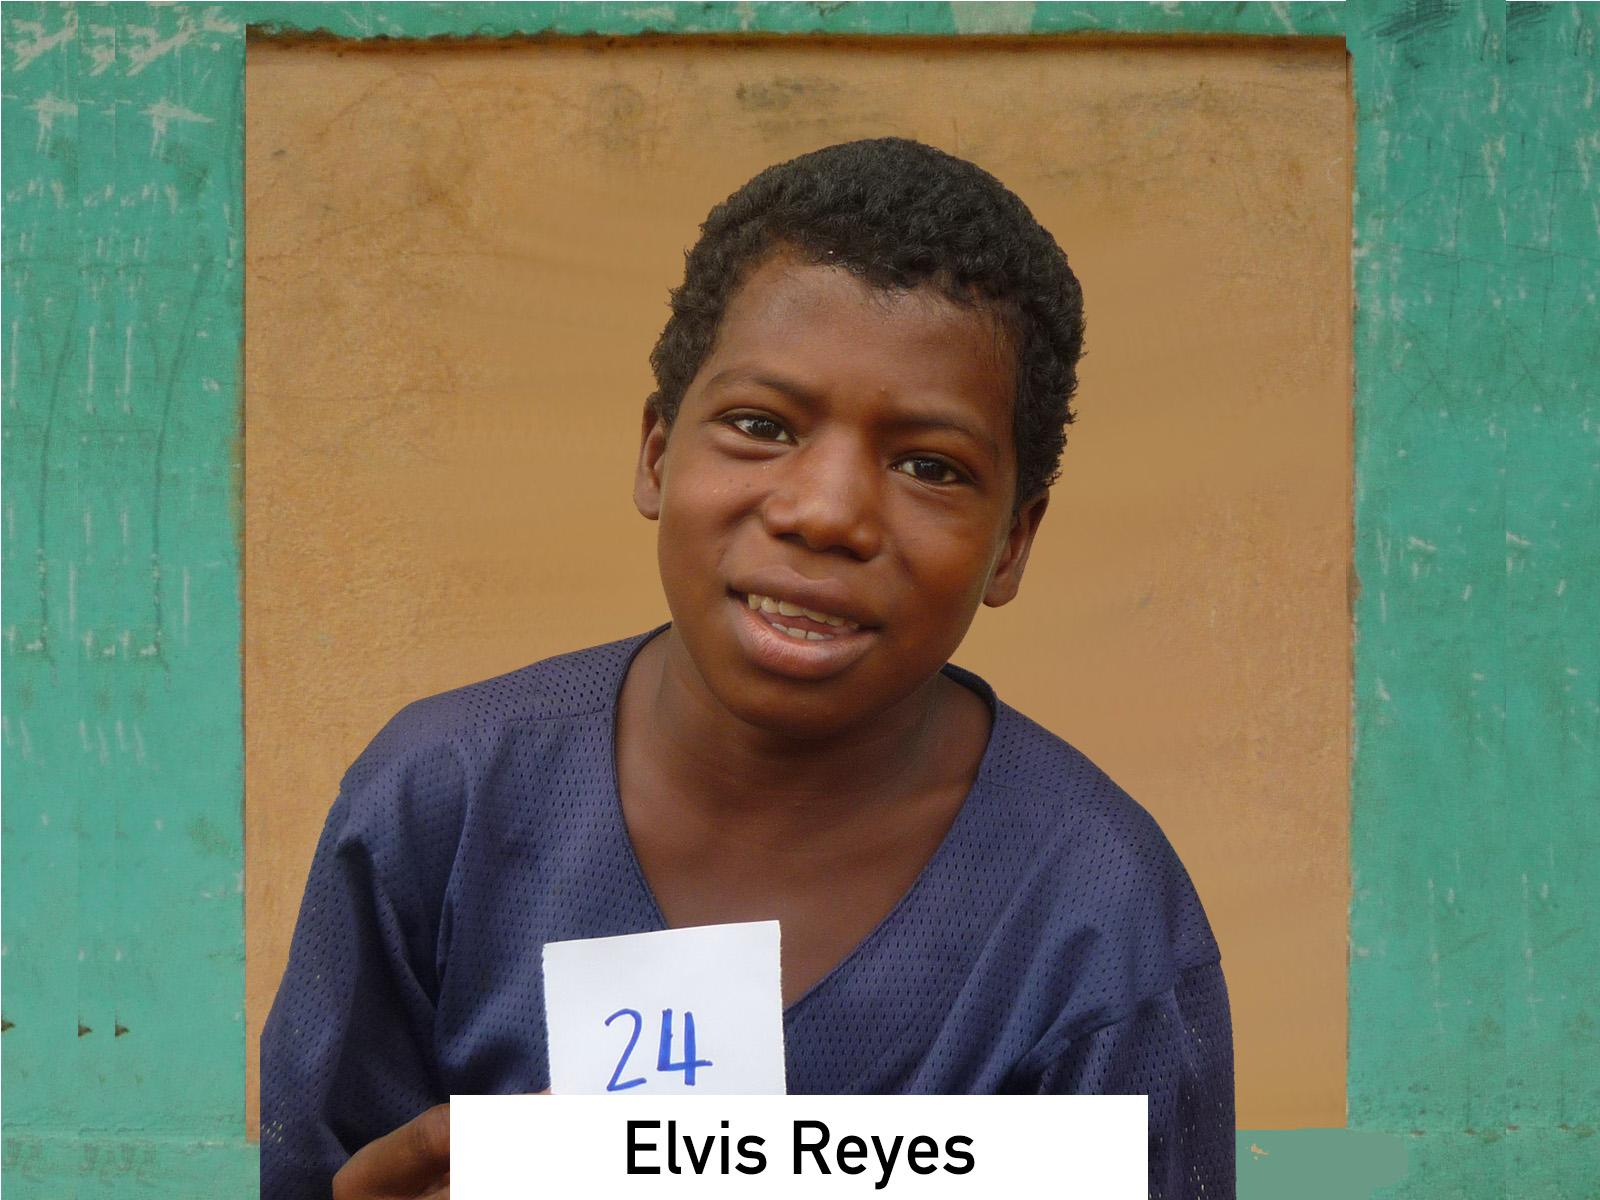 024 - Elvis Reyes.jpg